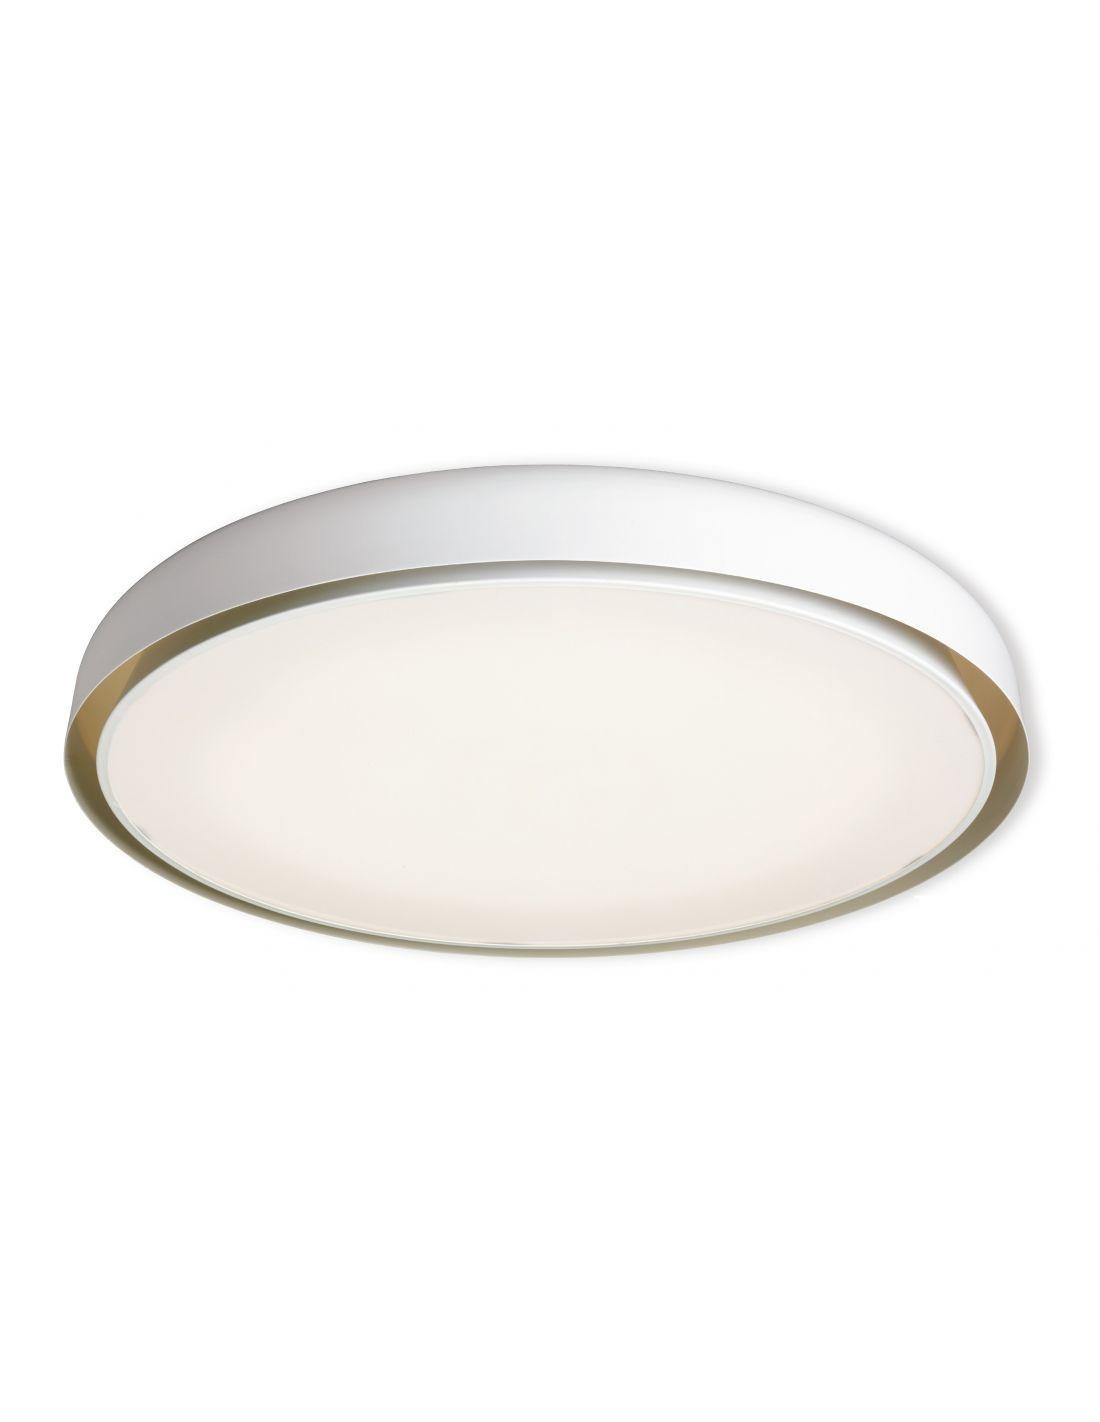 Plaf n de techo grande blanco y beige for Plafones techo modernos